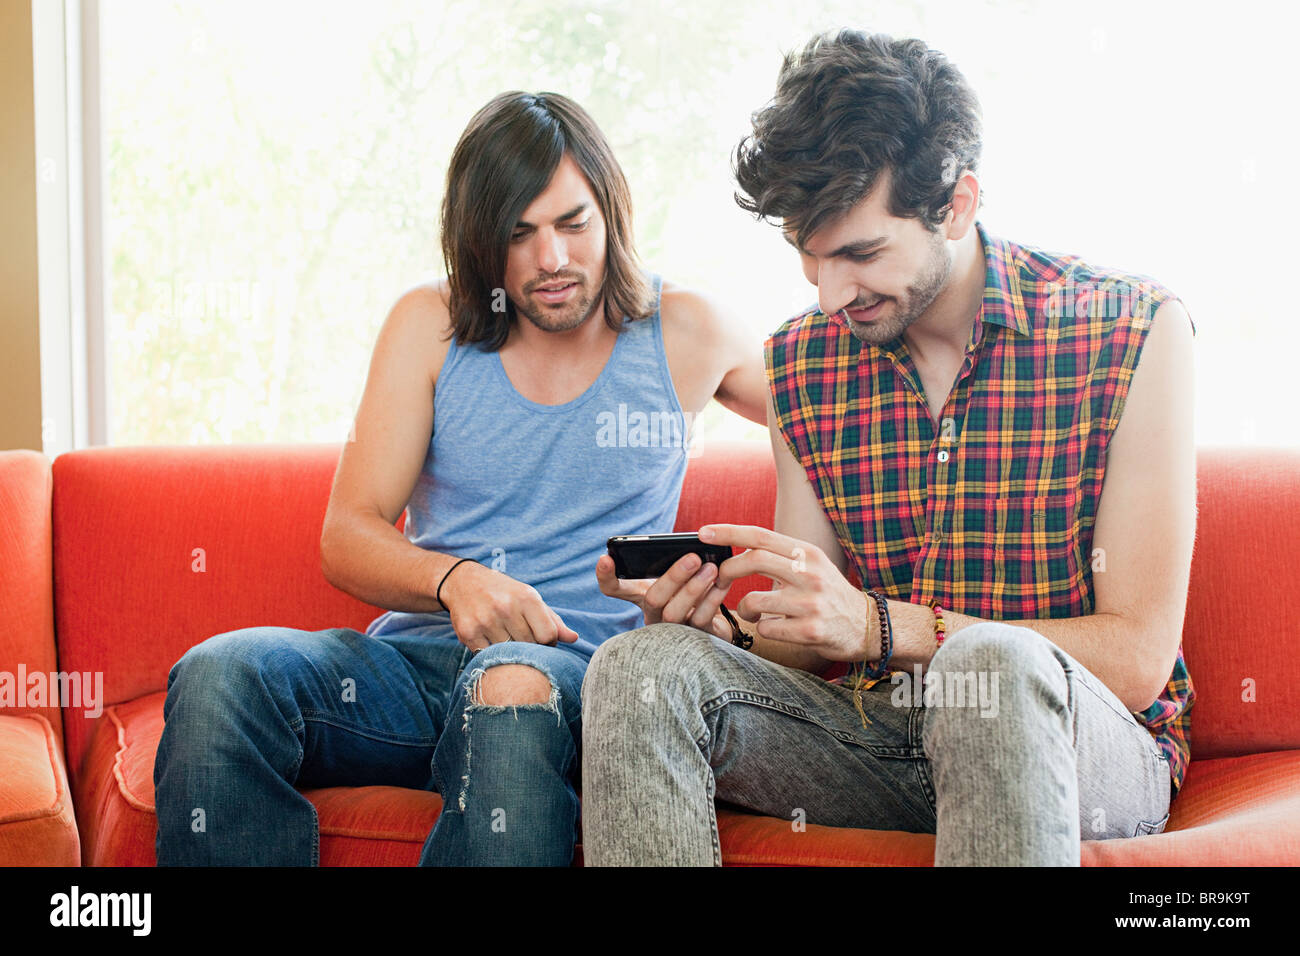 Los hombres jóvenes en el sofá con dispositivo de mano Imagen De Stock